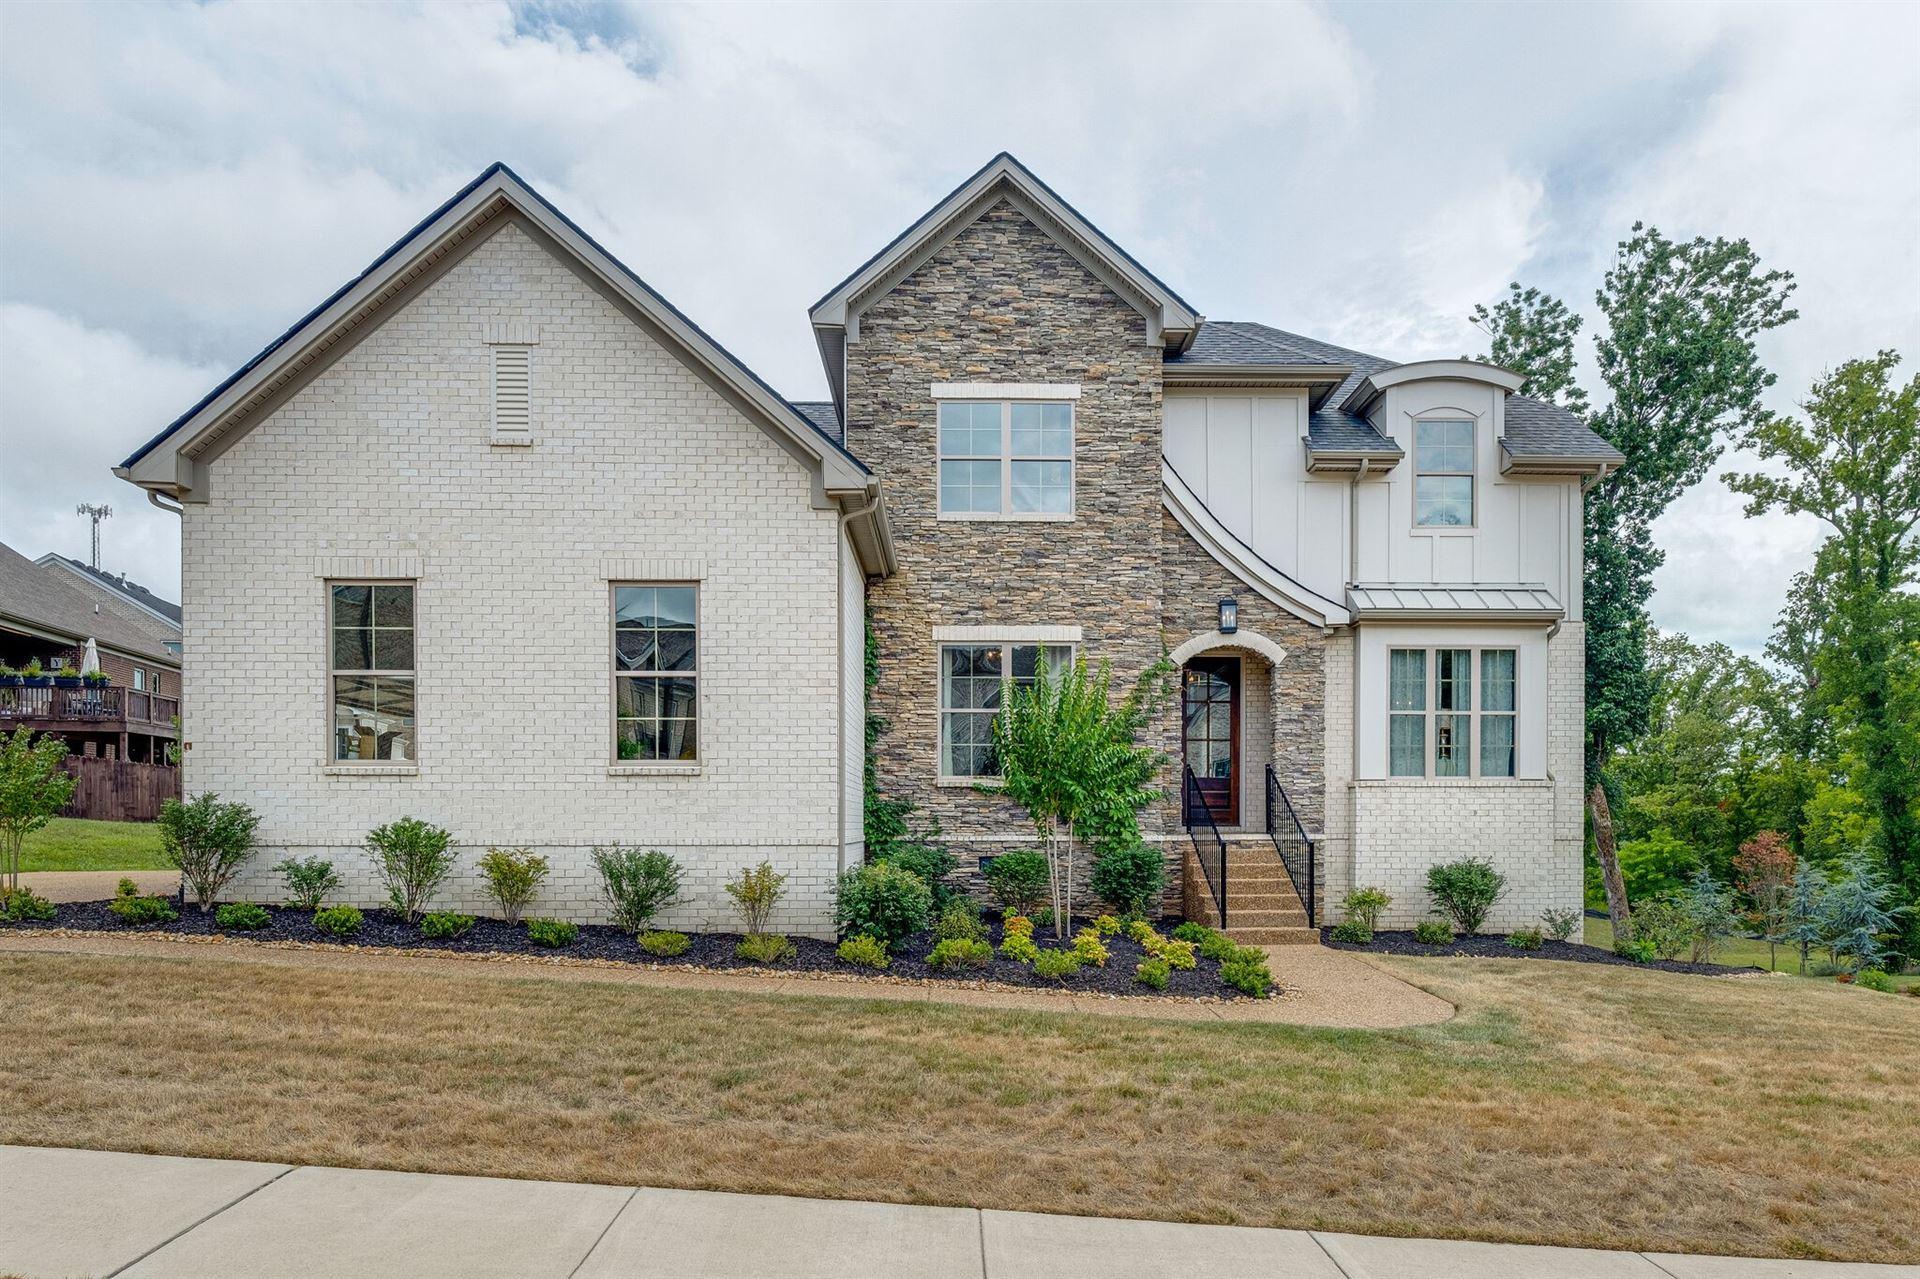 150 Fountain Brooke Dr Lot 151, Hendersonville, TN 37075 - MLS#: 2271063